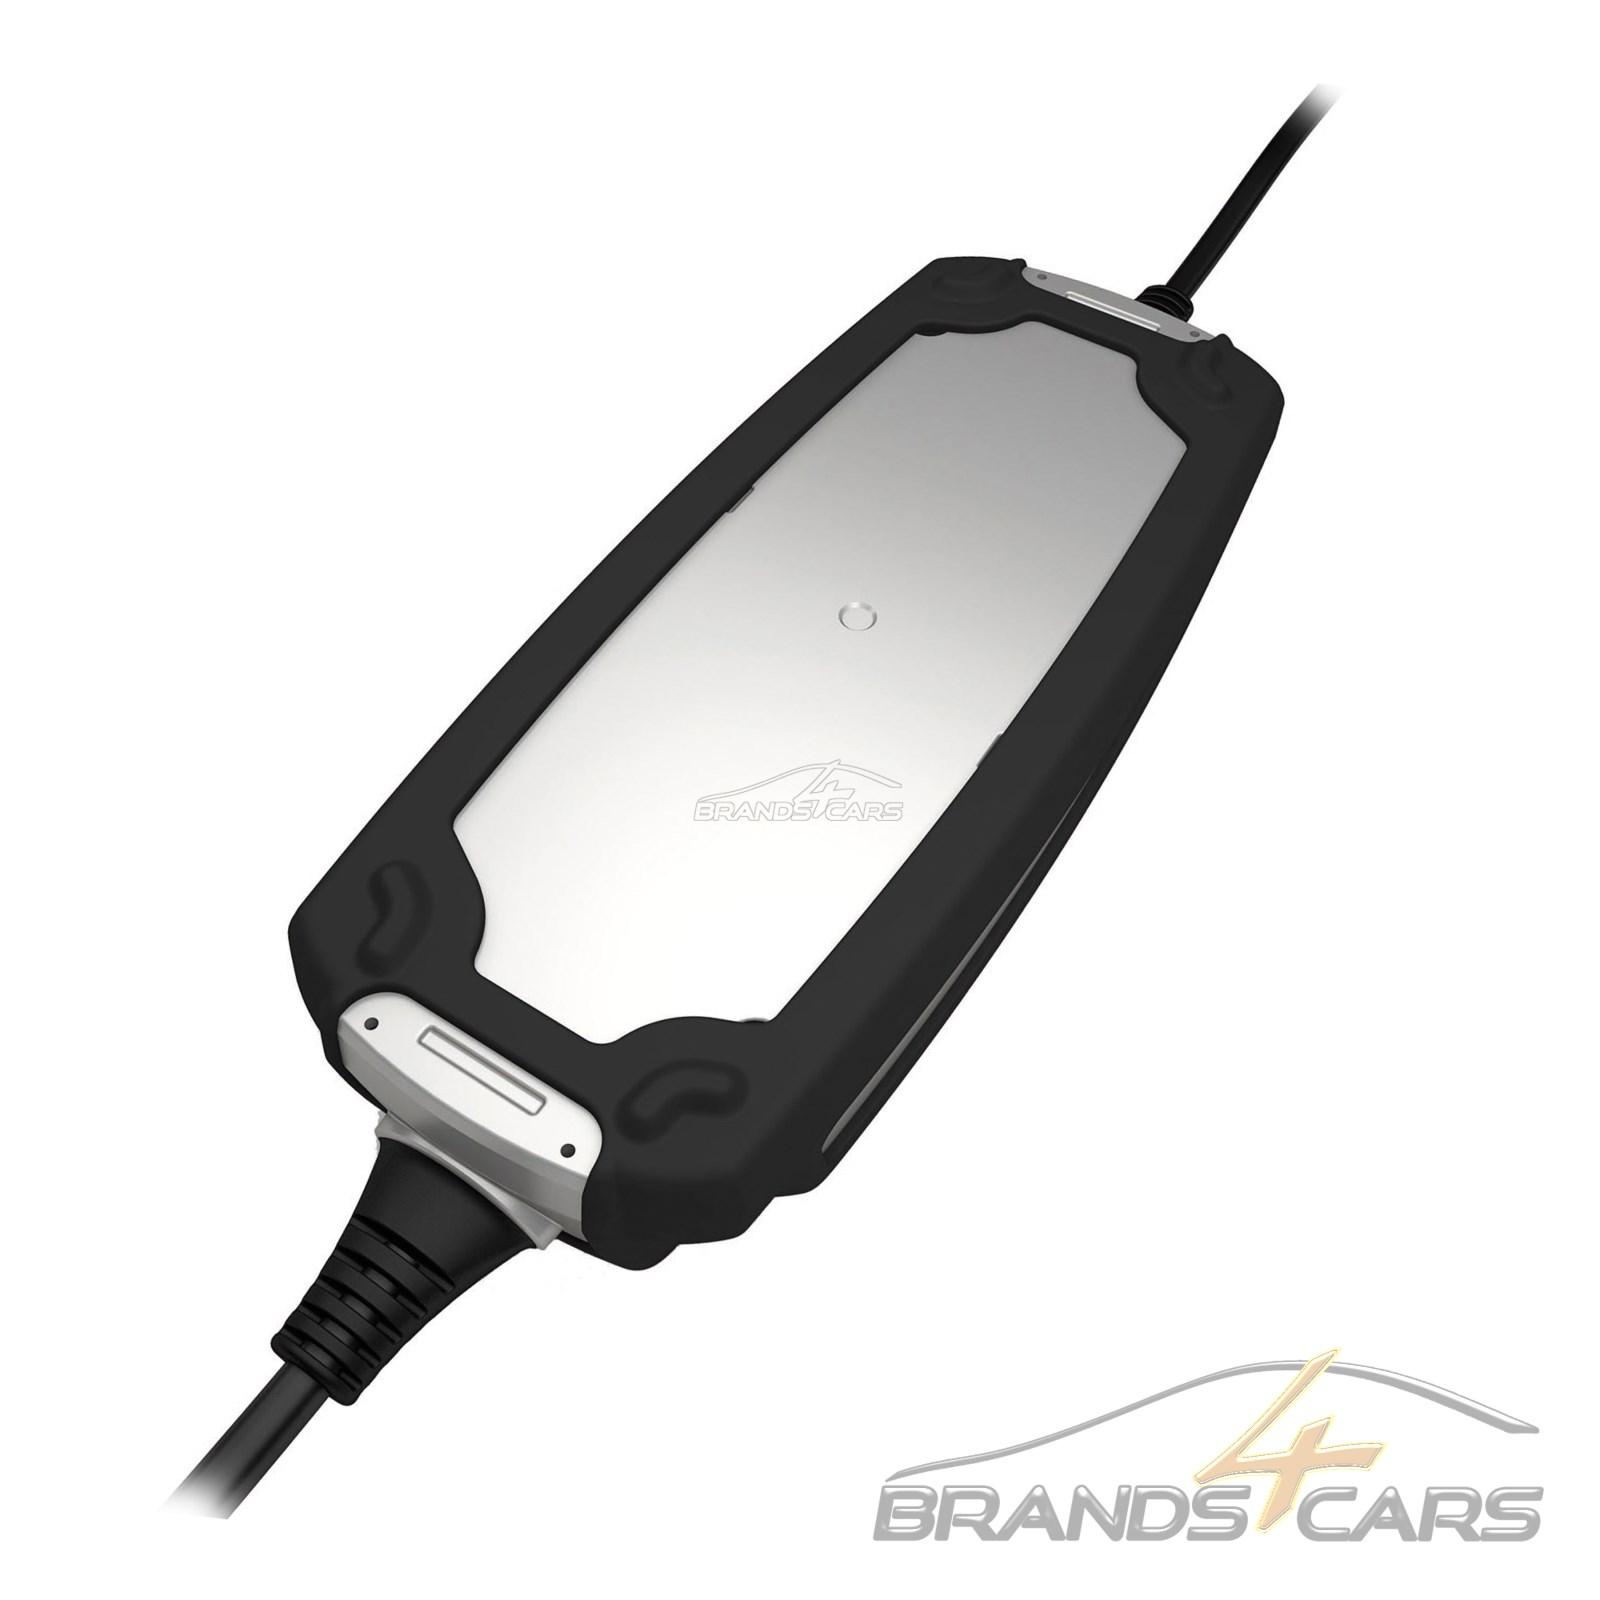 Ctek Ct5 Time To Go Batterieladegerät Ladegerät + Bumper Schutzhülle 31857677